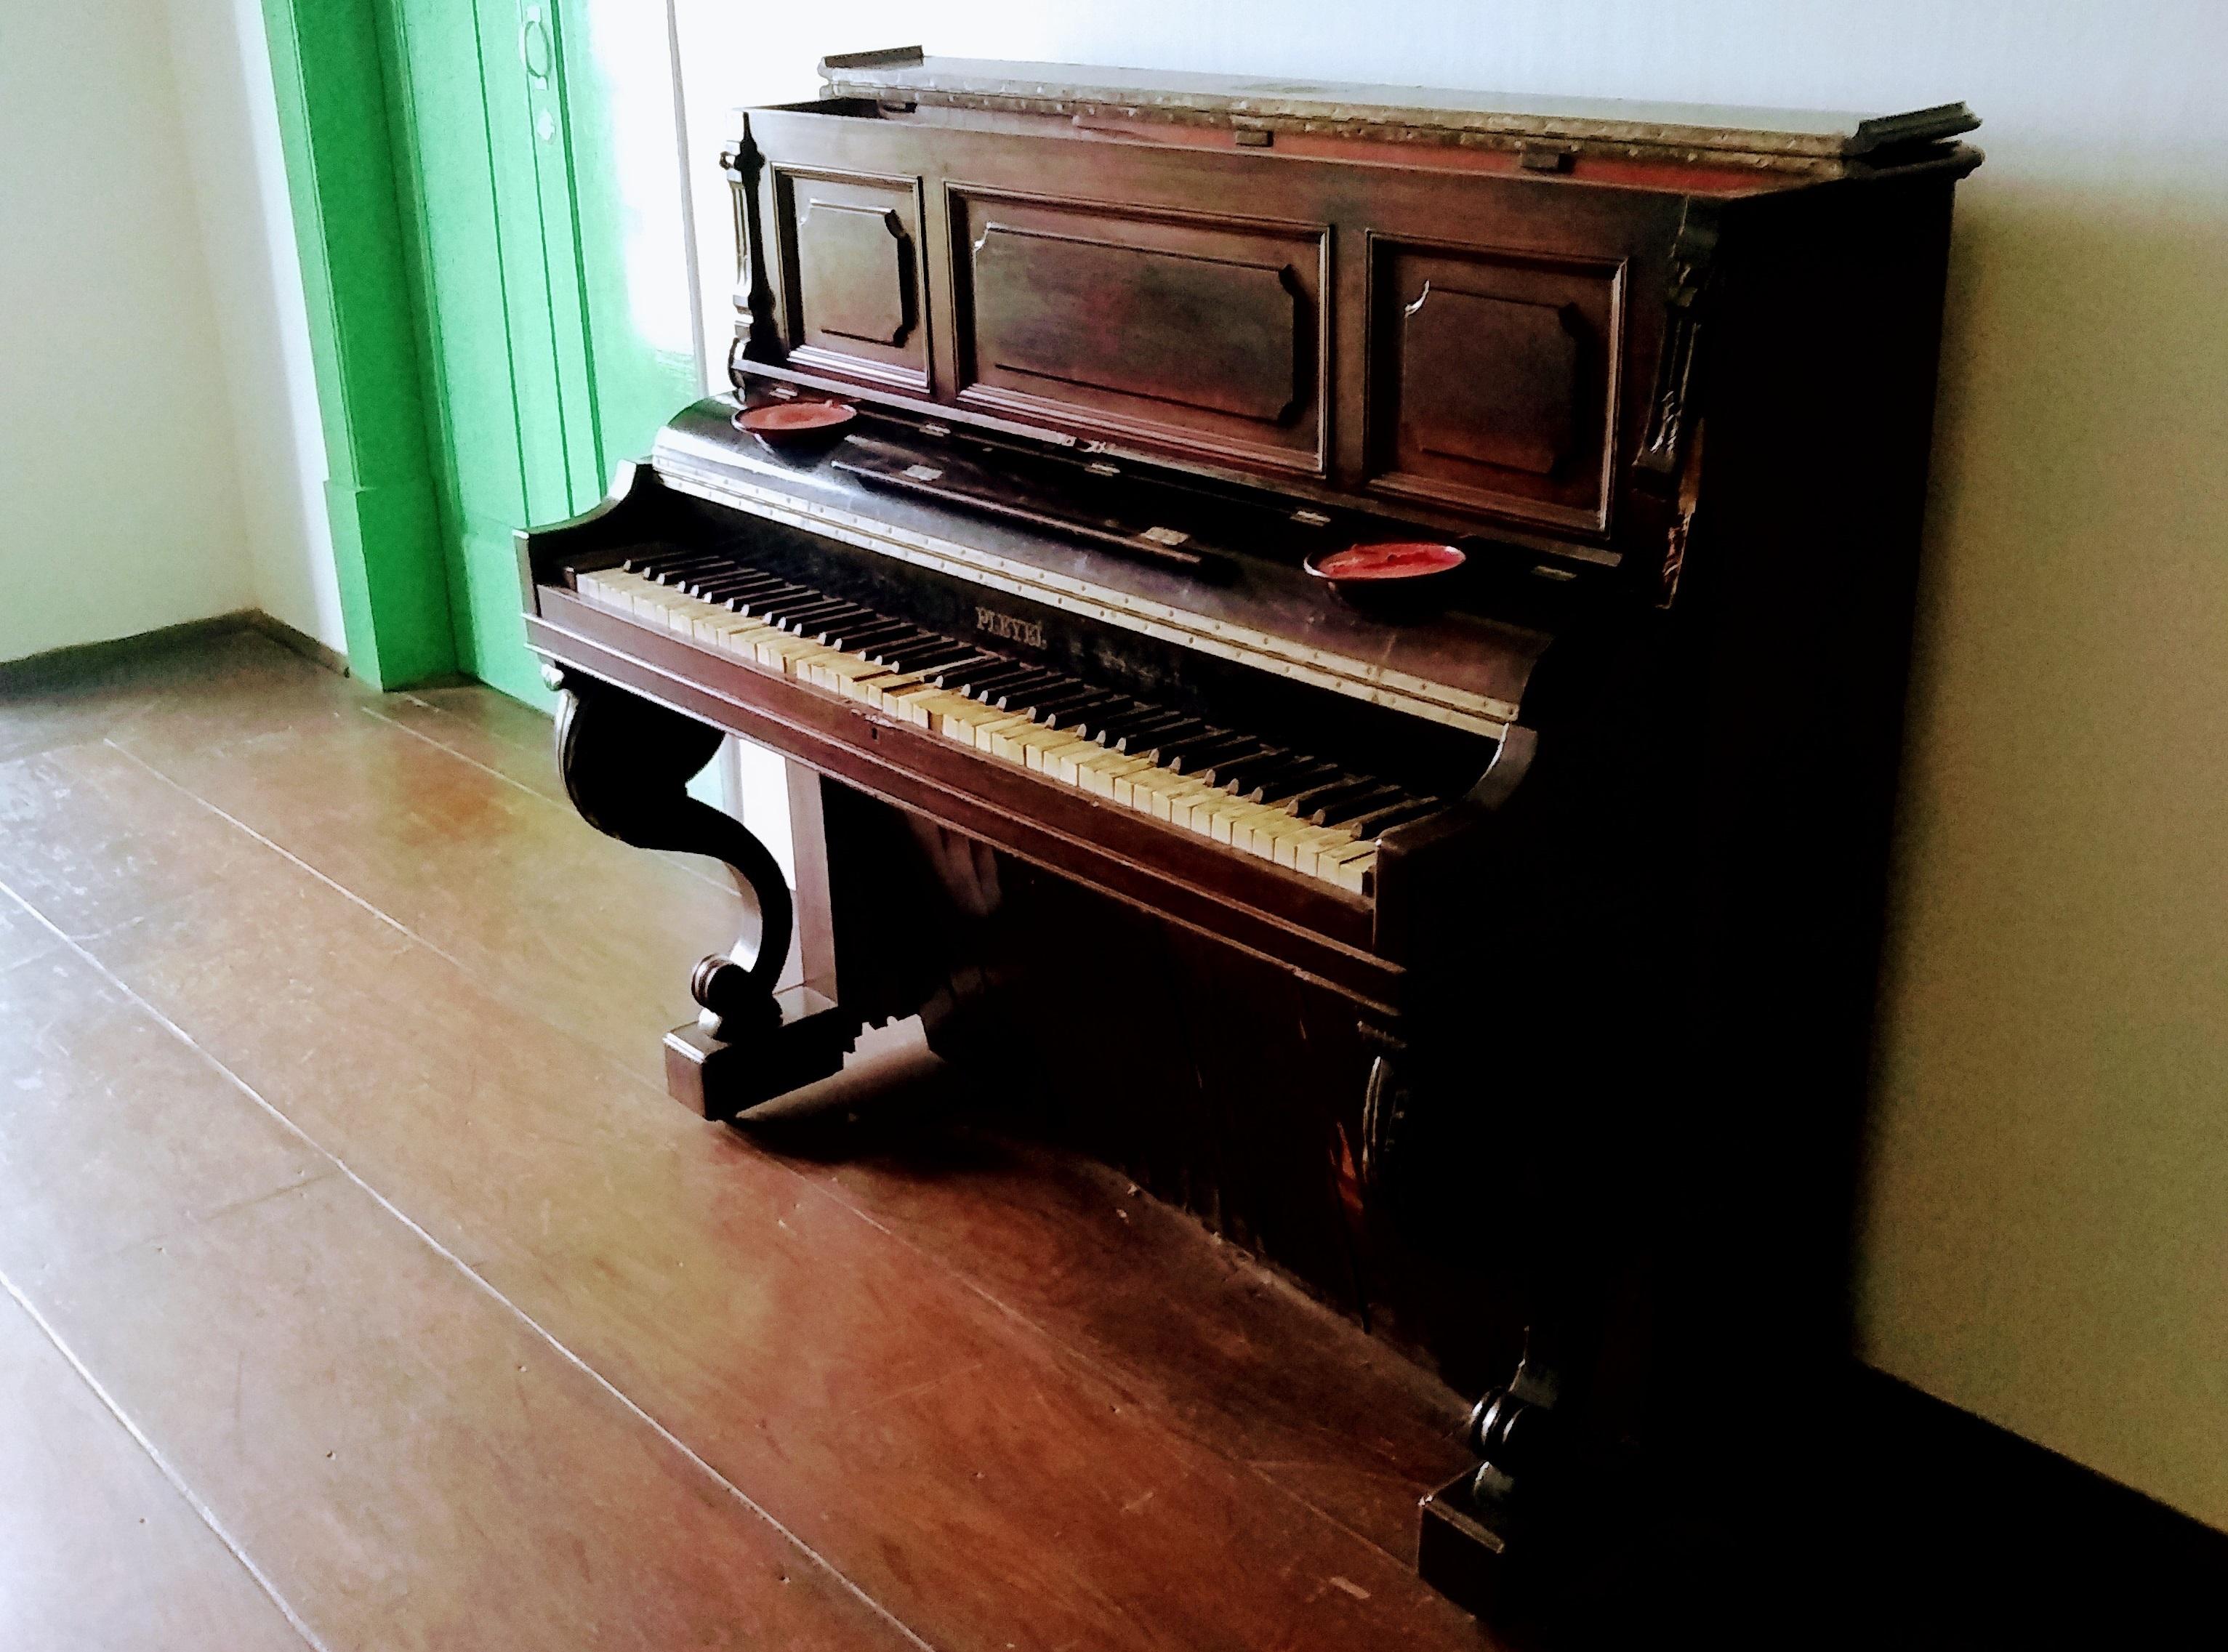 A marca foi criada em 1807 pelo francês Inacio Pleyel. Era a preferida de Frédéric Chopin. Modelos parecidos à venda na internet hoje por até R$ 6 mil